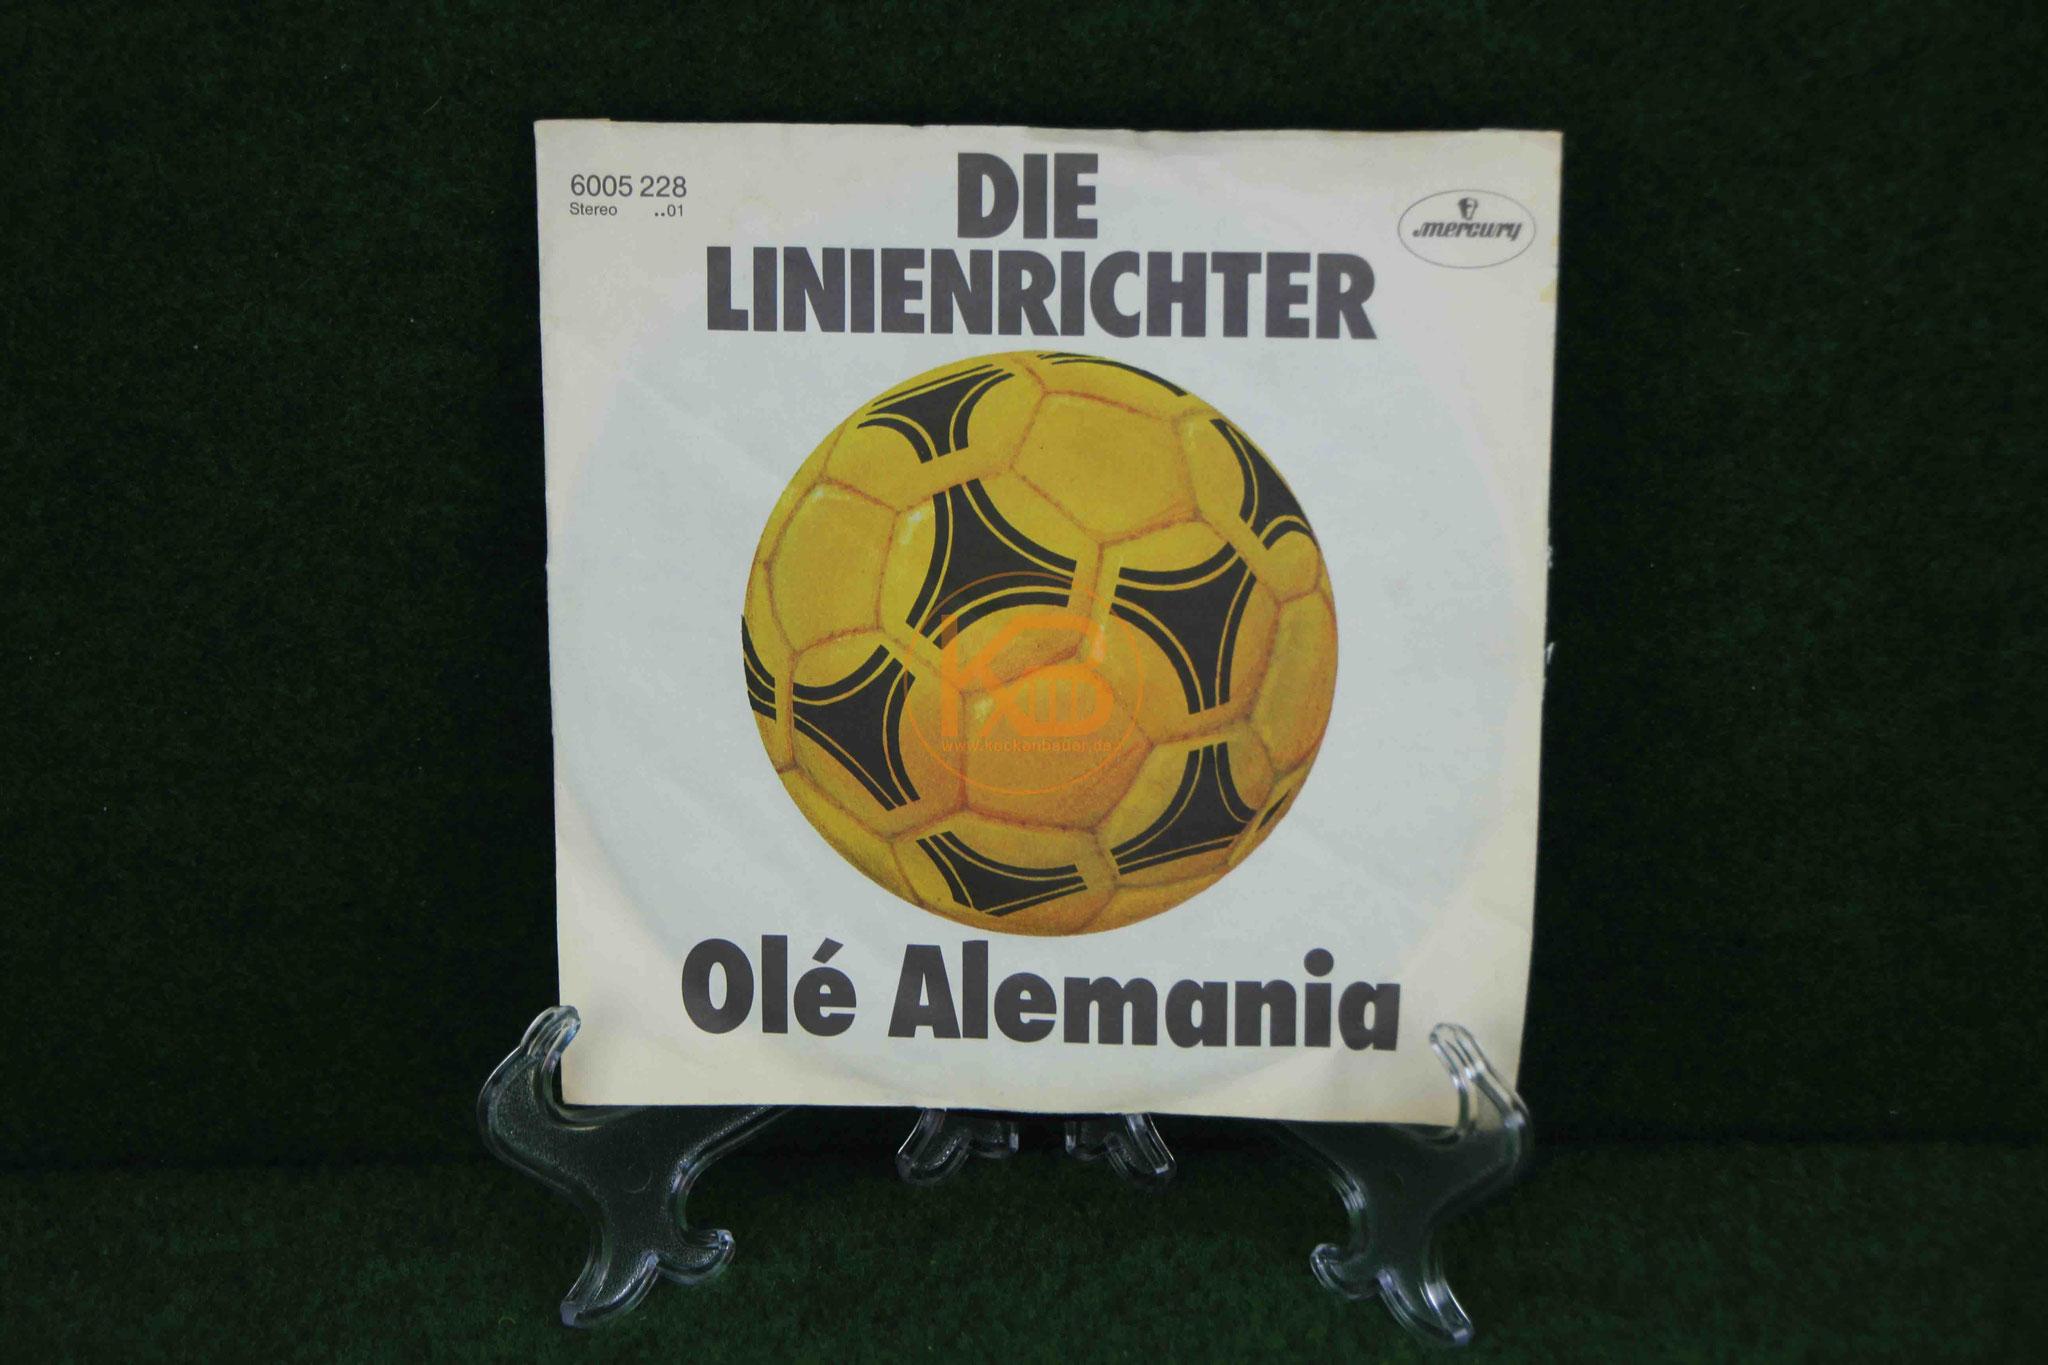 Single LP von Die Linienrichter - Ole Alemania - Fussball Stadionhymne